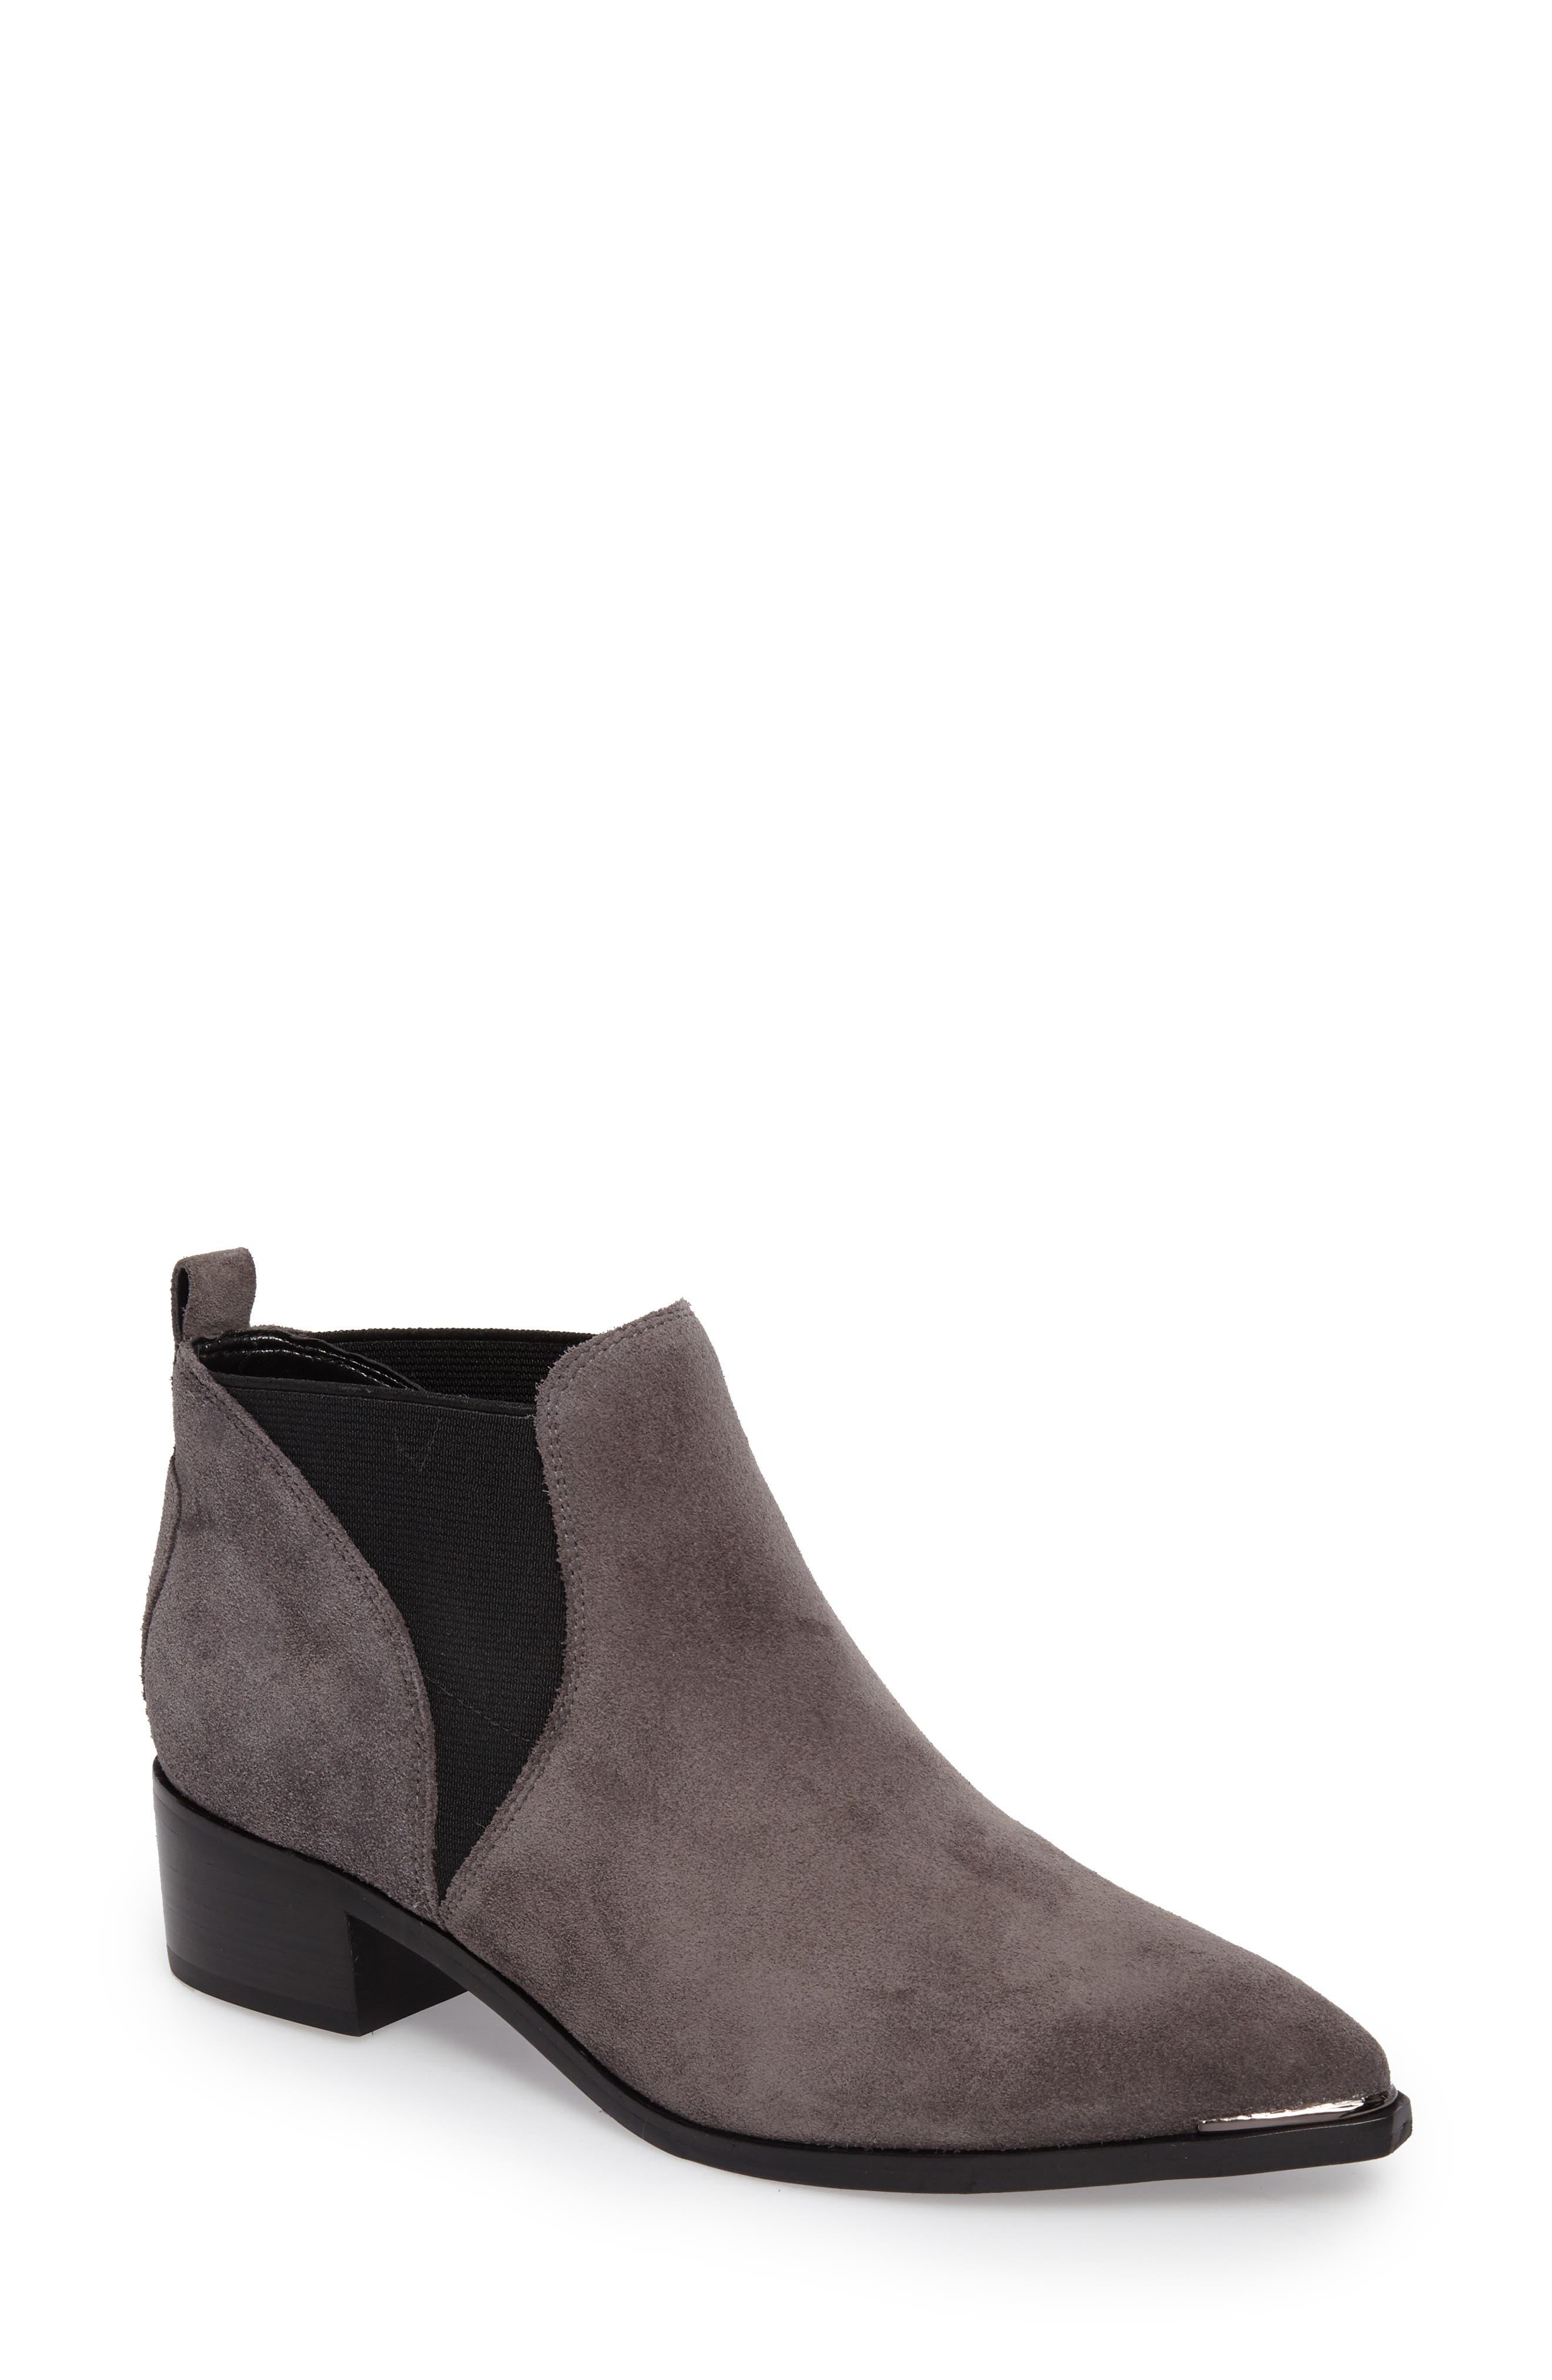 Yellin Pointy Toe Chelsea Boot,                         Main,                         color, Dark Grey Suede